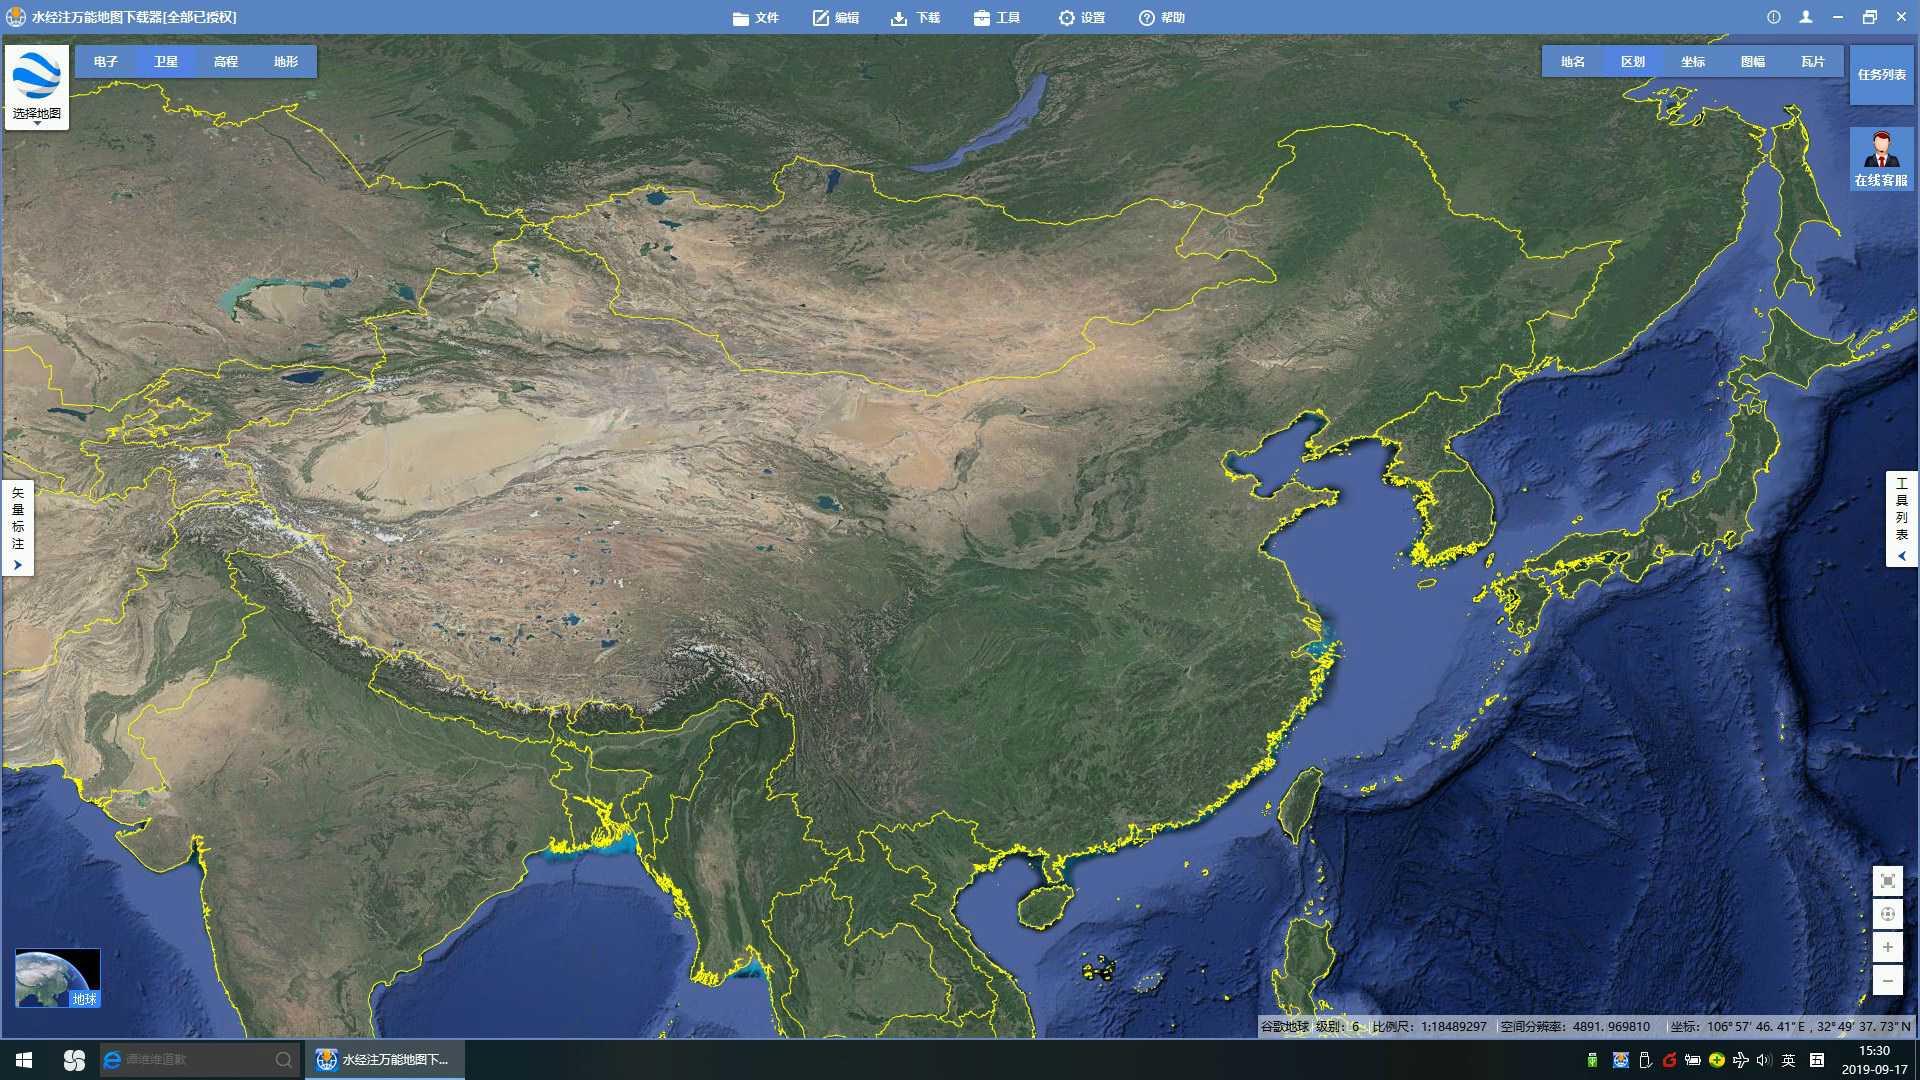 19中国离线谷歌卫星地图.jpg